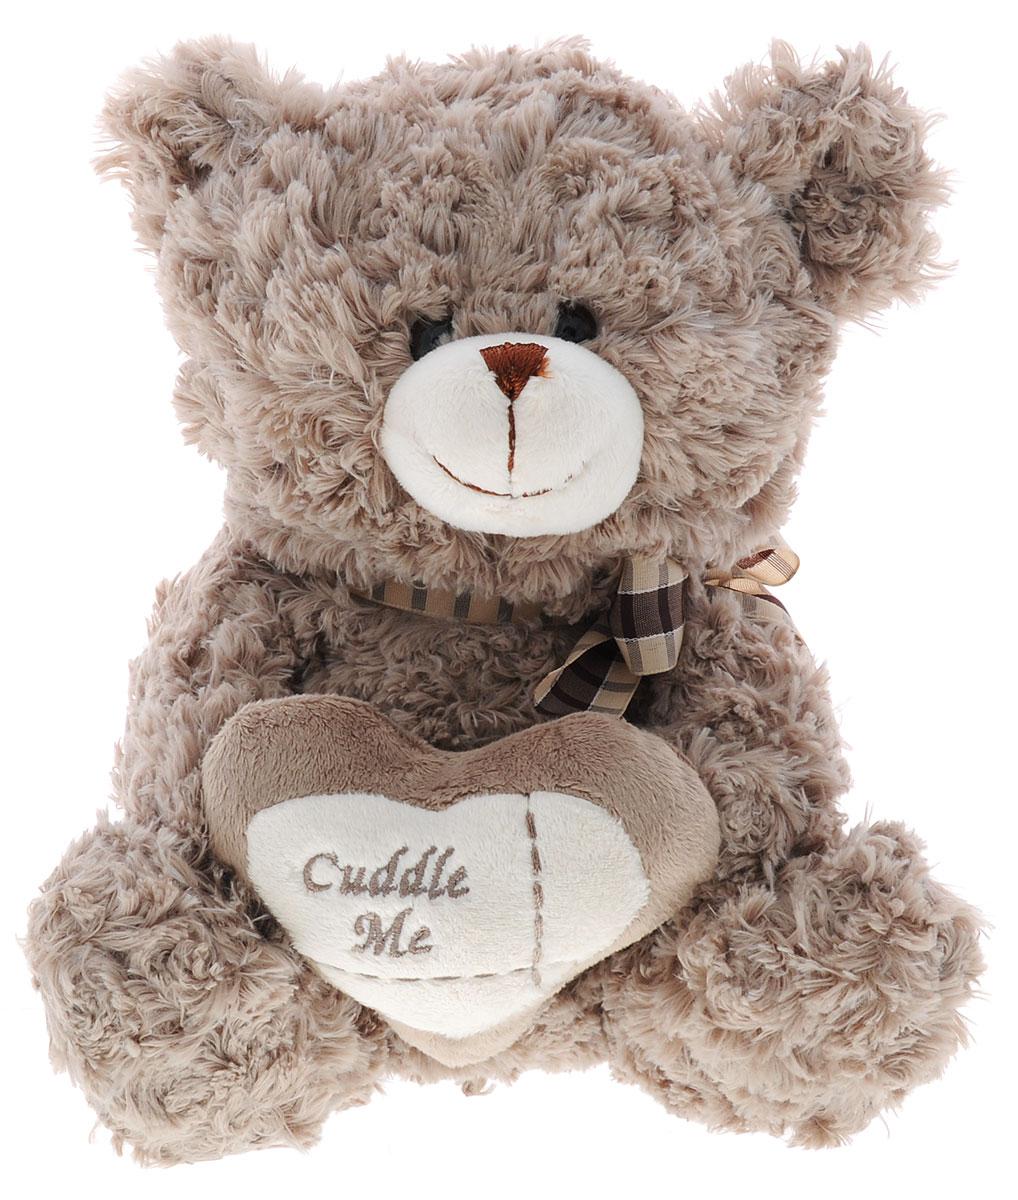 Soomo Мягкая игрушка Медведь Сердечный цвет тауп 22 смSZ9332/9.5Мягкая игрушка Soomo Медведь Сердечный непременно вызовет положительные эмоции и улыбку у каждого, кто ее увидит. Игрушка изготовлена из безопасных, приятных на ощупь материалов в виде очаровательного медвежонка. У игрушки небольшие пластиковые глаза, а в лапках медвежонок держит сердечко. Симпатичная игрушка будет радовать вашего ребенка, а также способствовать полноценному и гармоничному развитию его личности.